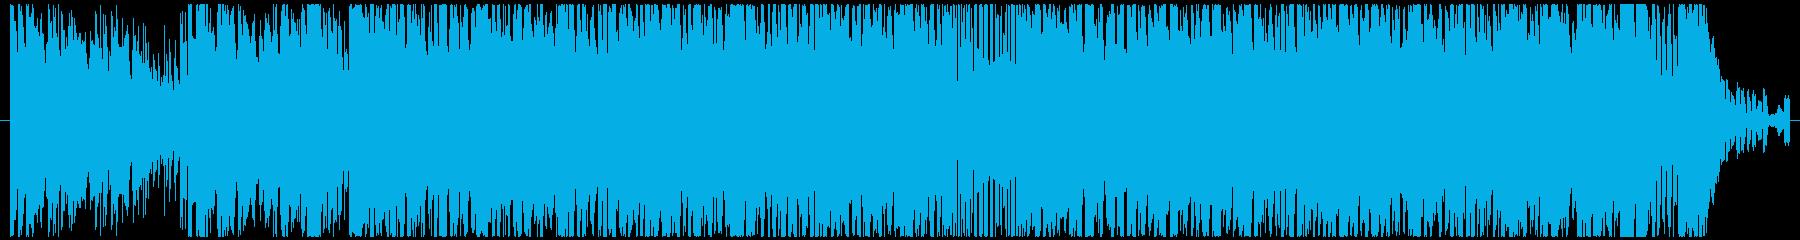 シタールがメインのダンスチックな曲の再生済みの波形